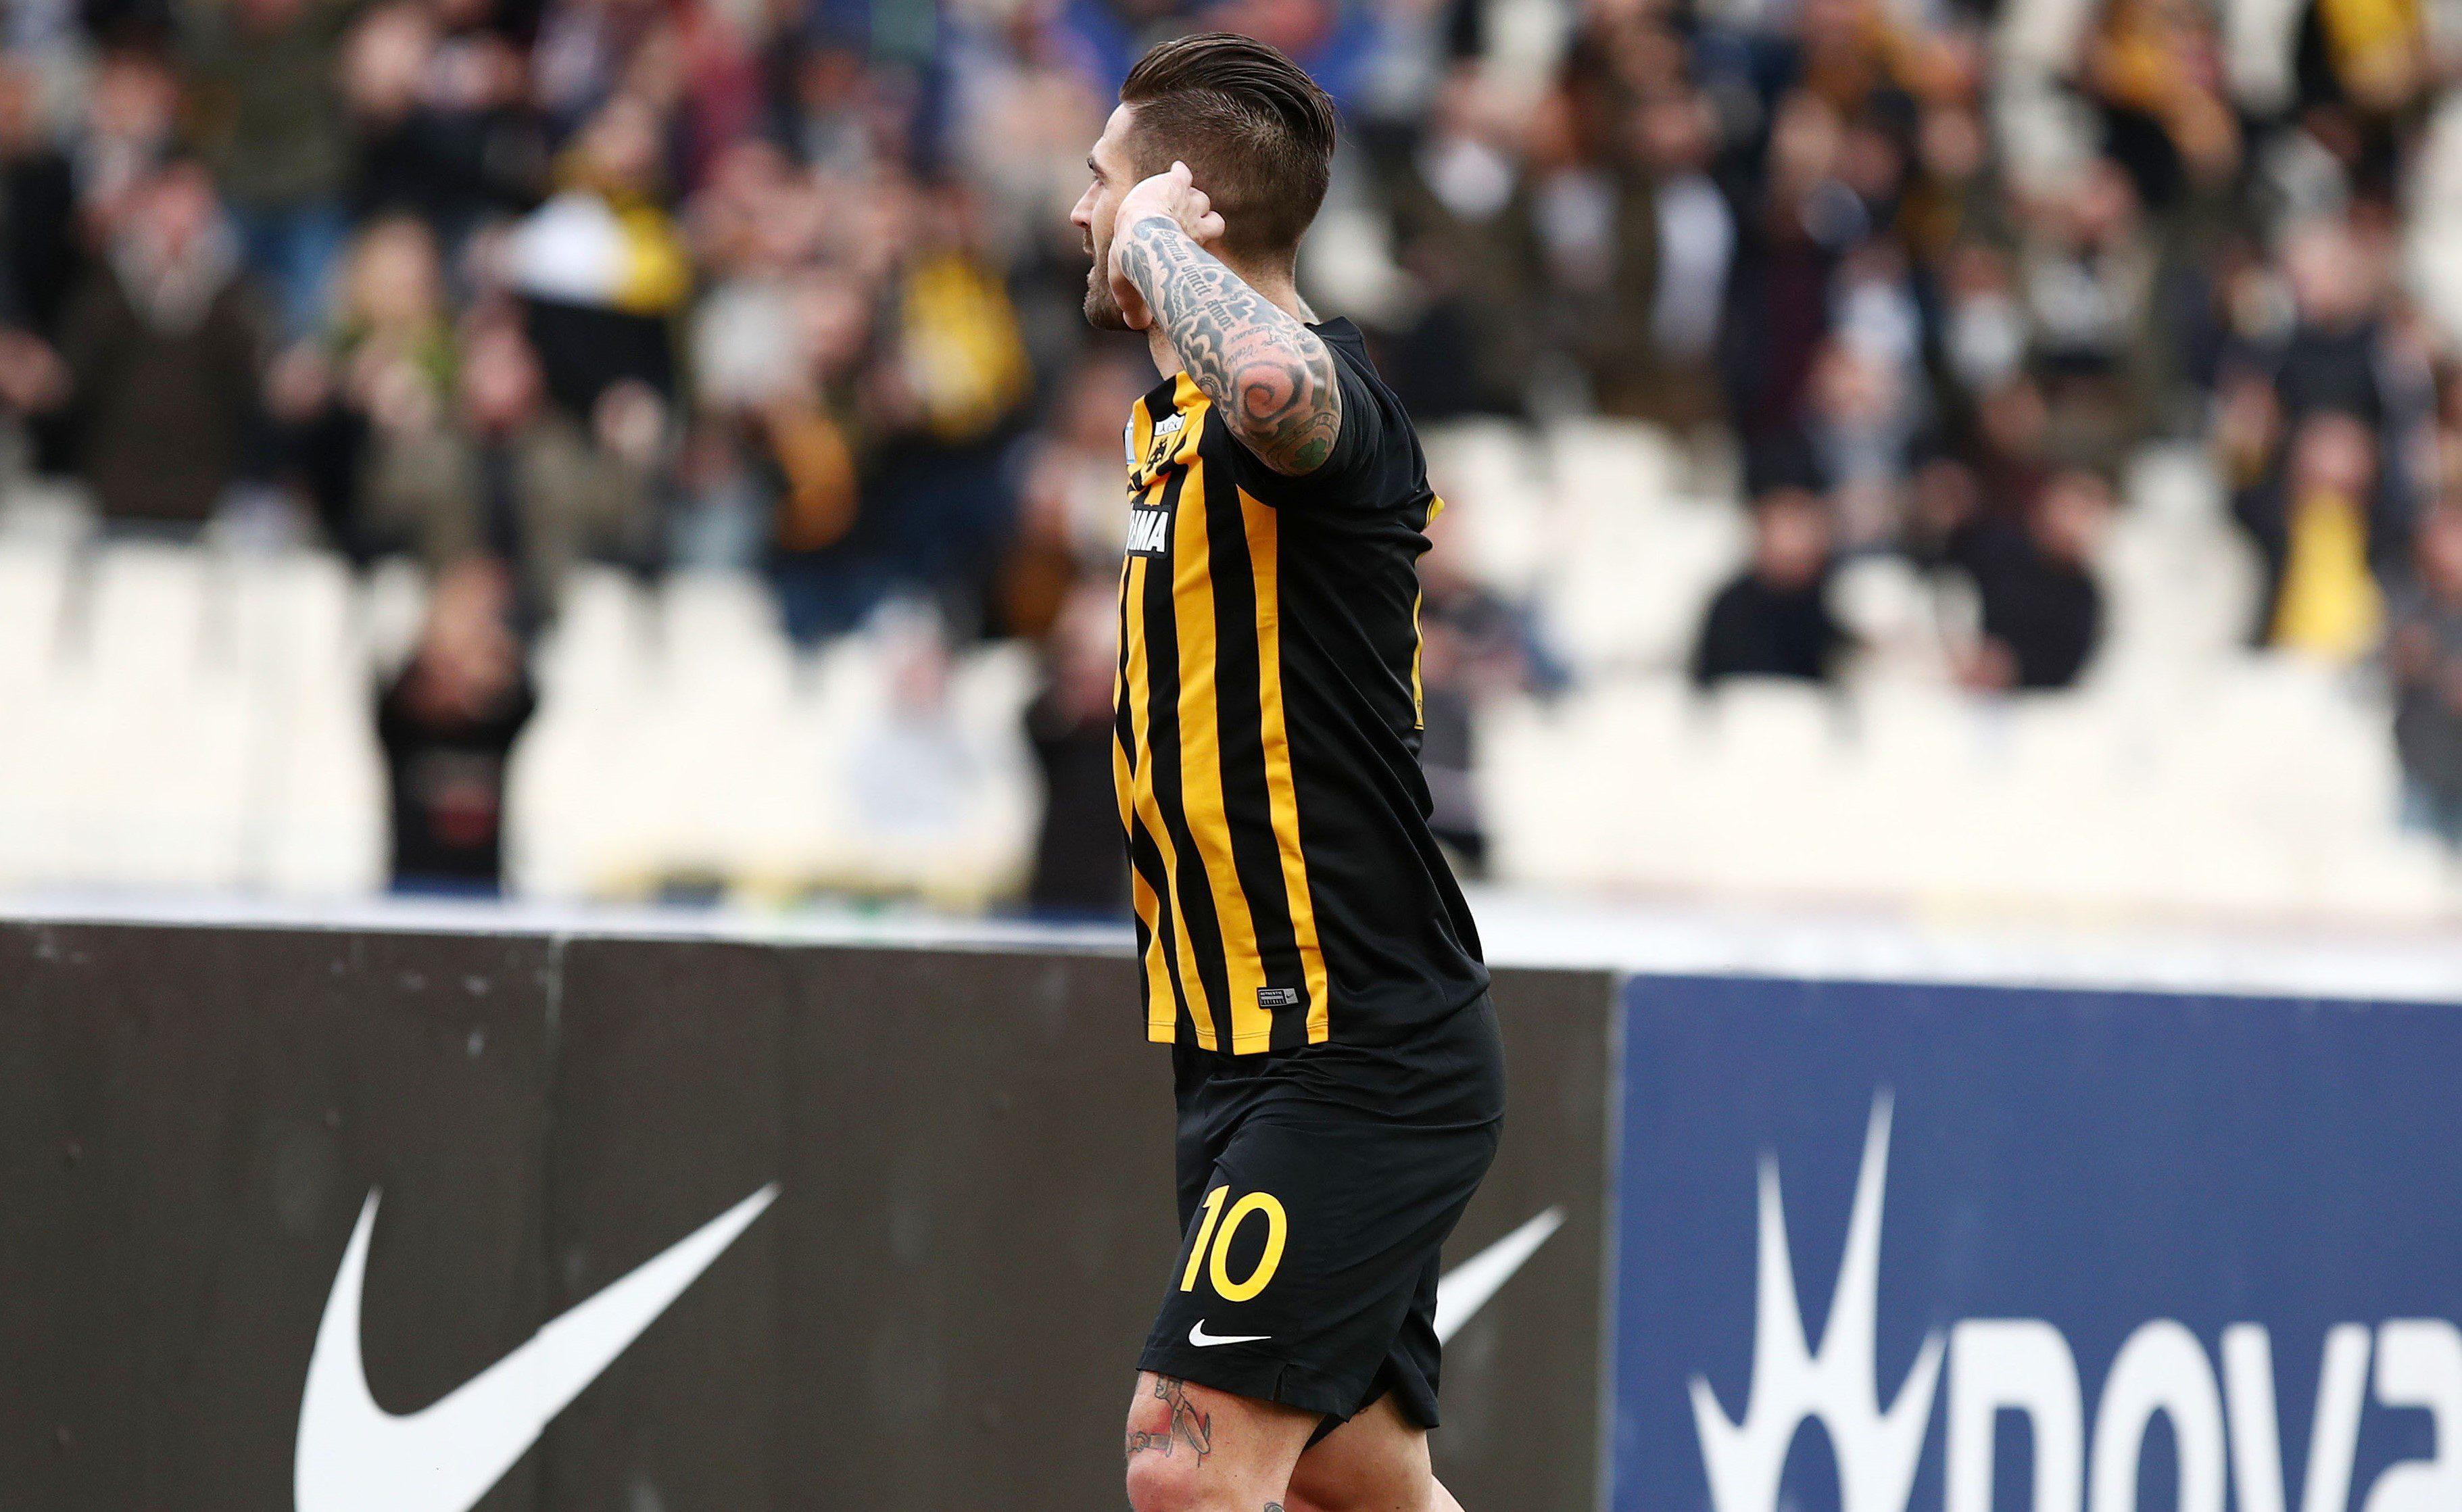 Έμεινε στην ΑΕΚ ο Λιβάια! - Sportime.GR